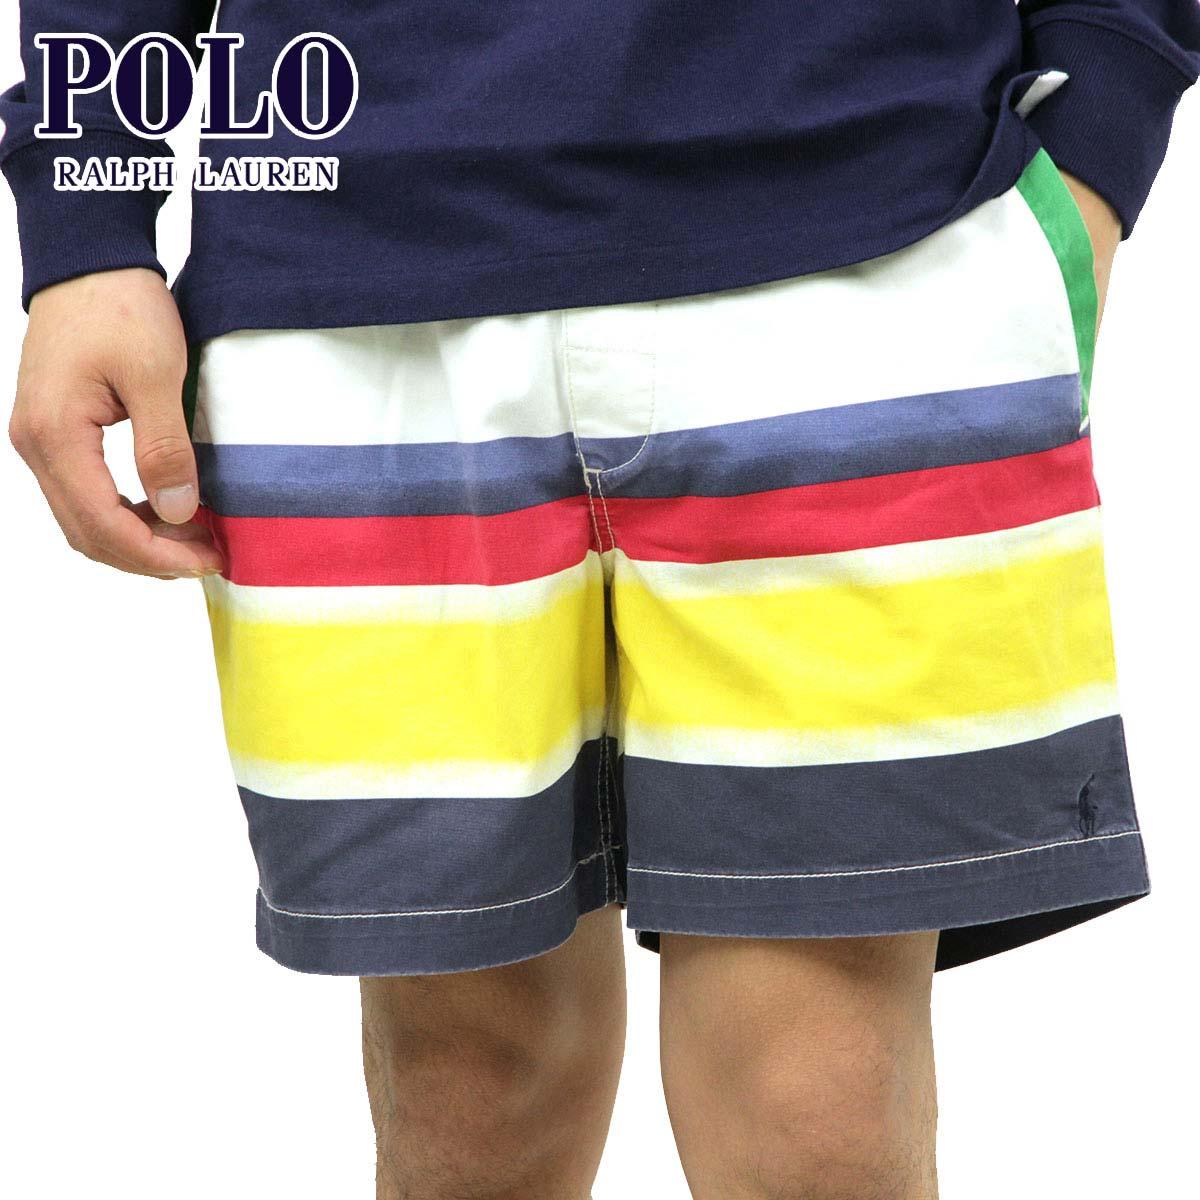 ポロ ラルフローレン ショートパンツ メンズ 正規品 POLO RALPH LAUREN ボトムス コットンハーフパンツ ボーダー柄 STRIPE CLASSIC FIT SHORT PANTS